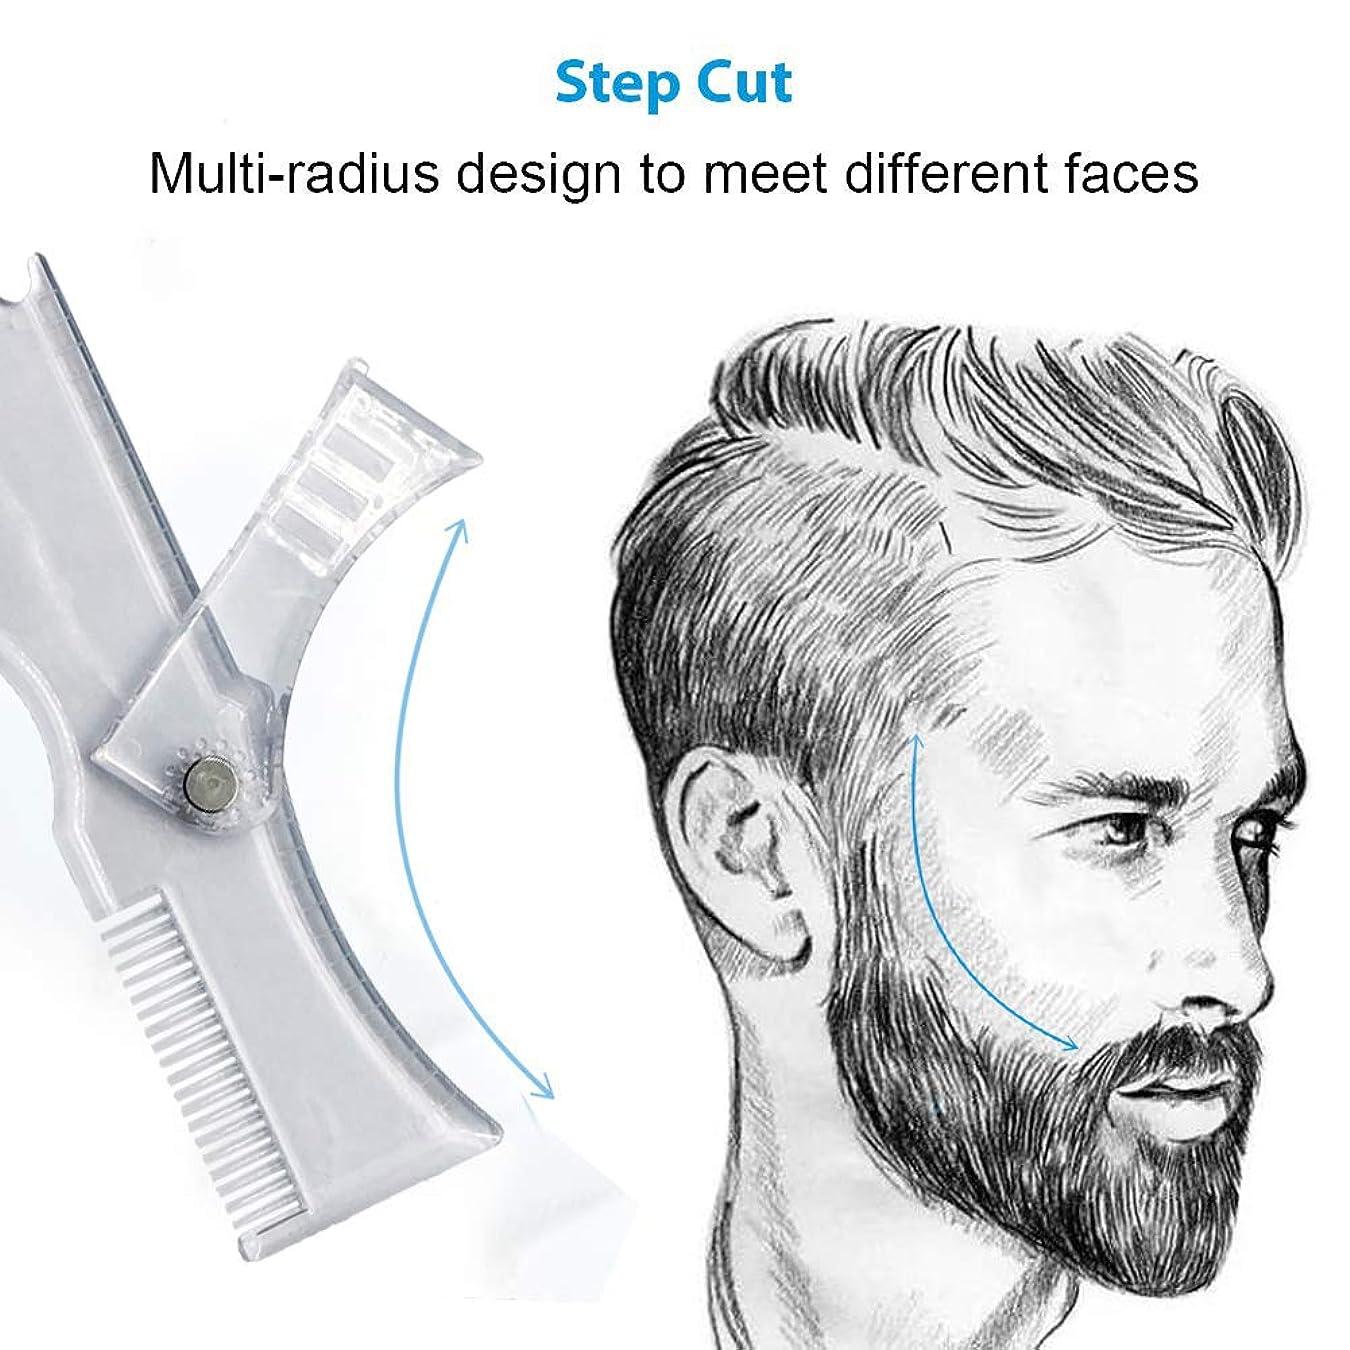 覚えている活気づくブラケットACHICOO ひげ櫛 回転 ひげ ブラシ 形状テンプレート 櫛 調整可能 スタイリング 角度 モデリング 理髪ツール 男性 メンズ